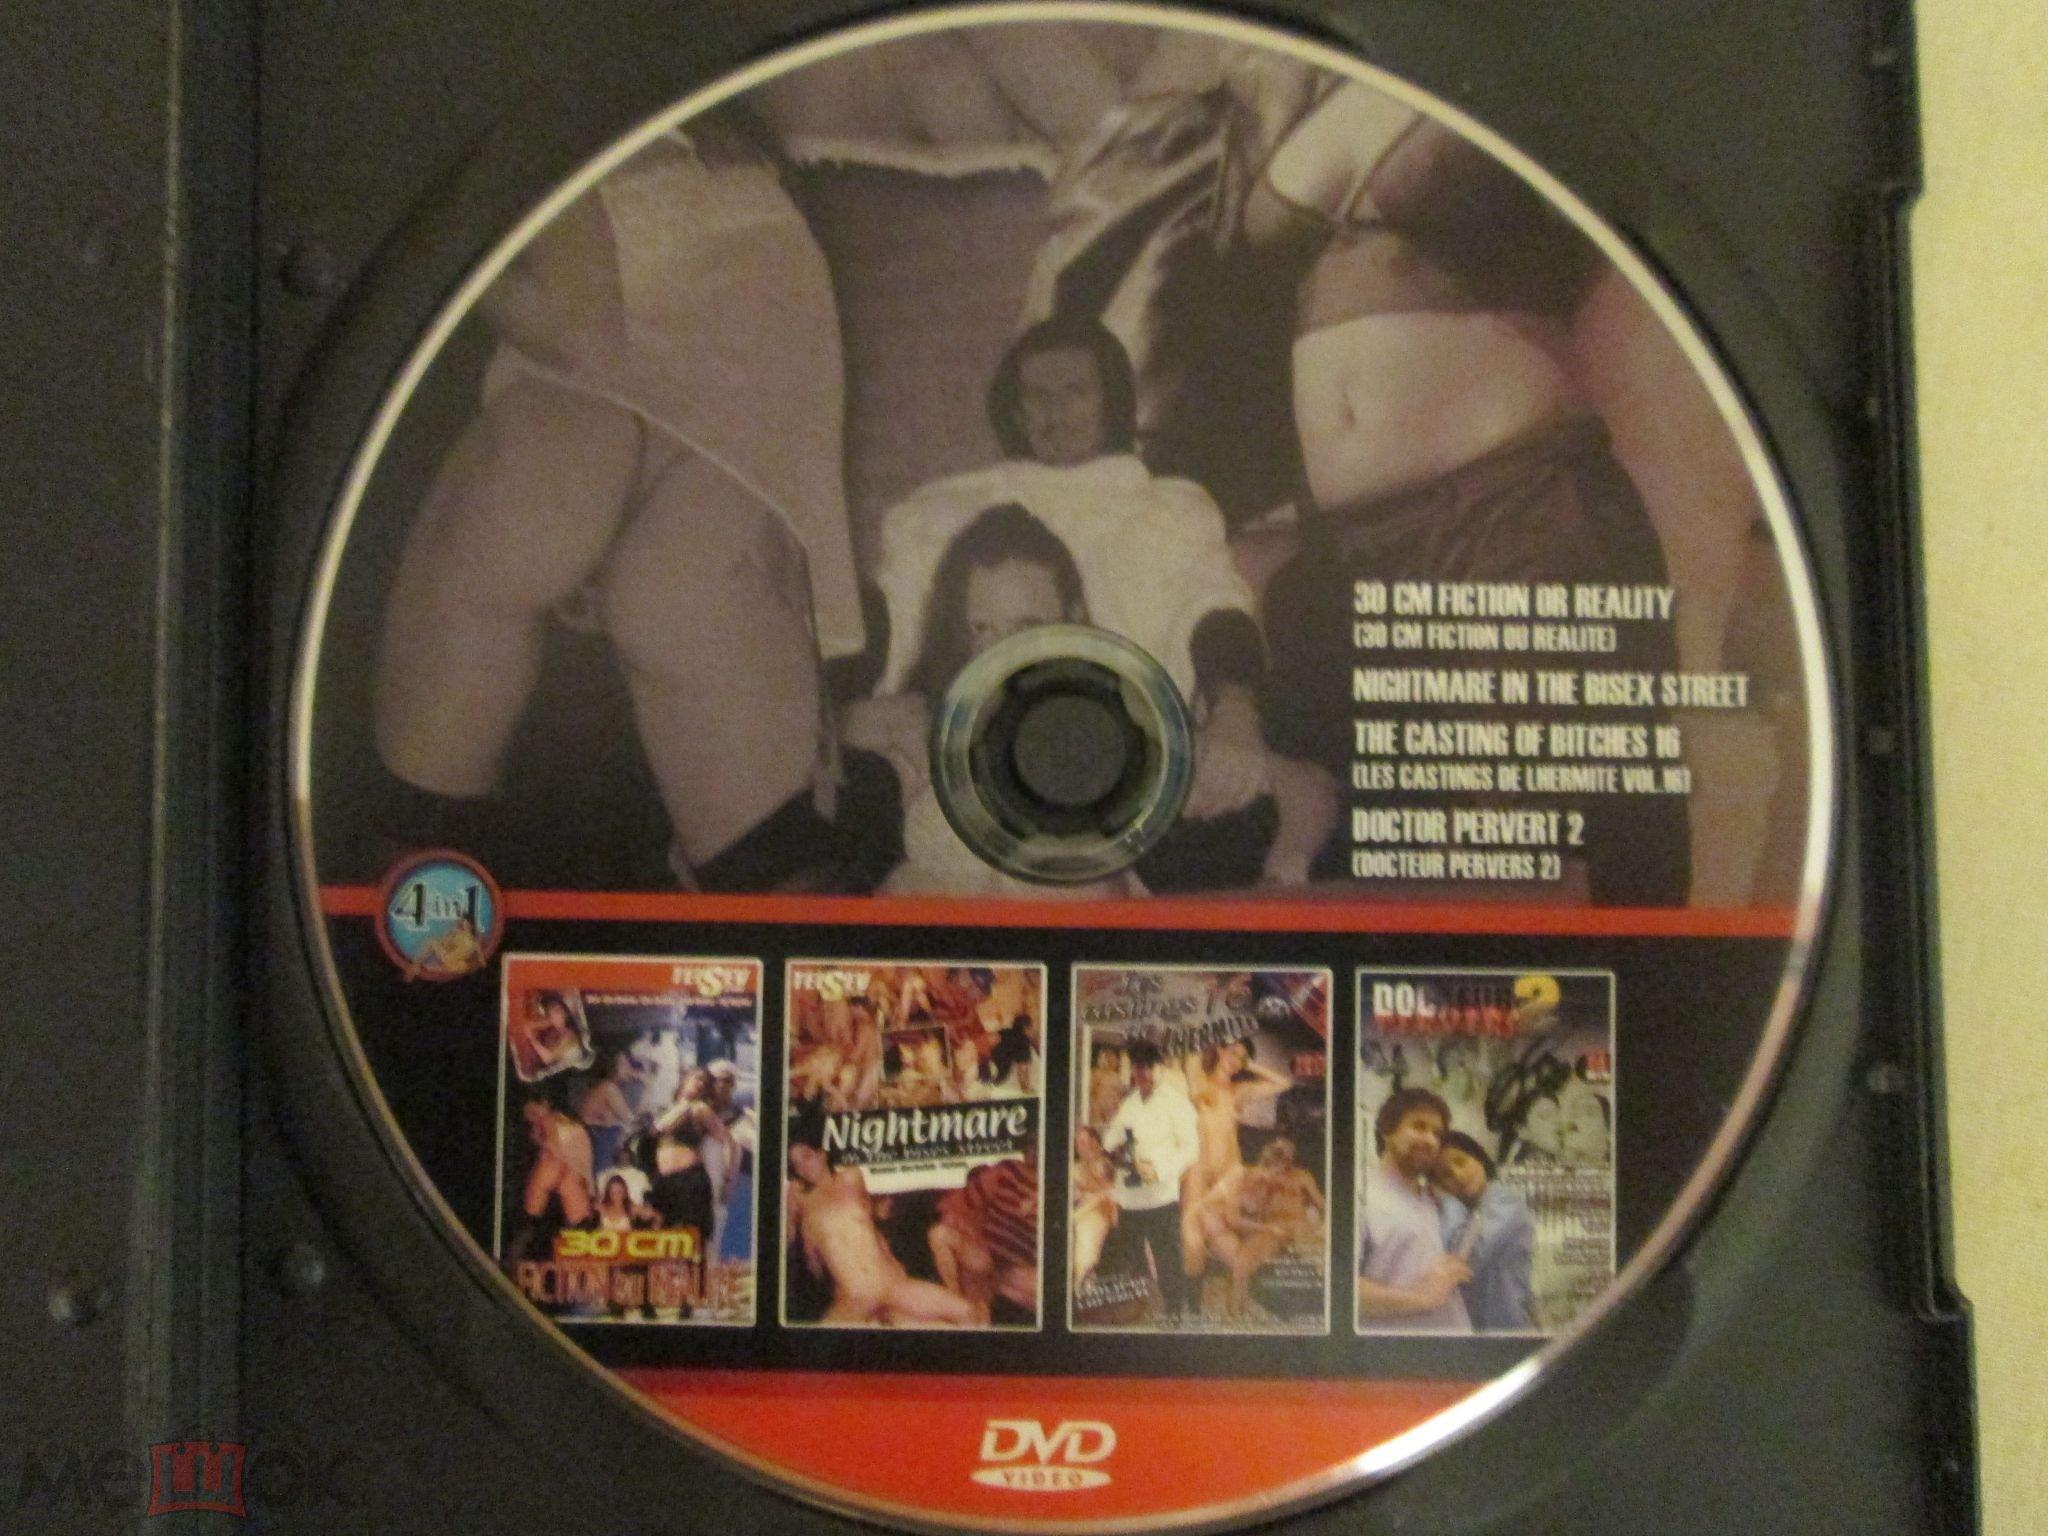 Взяли мы с мужем диск с порнофильмом